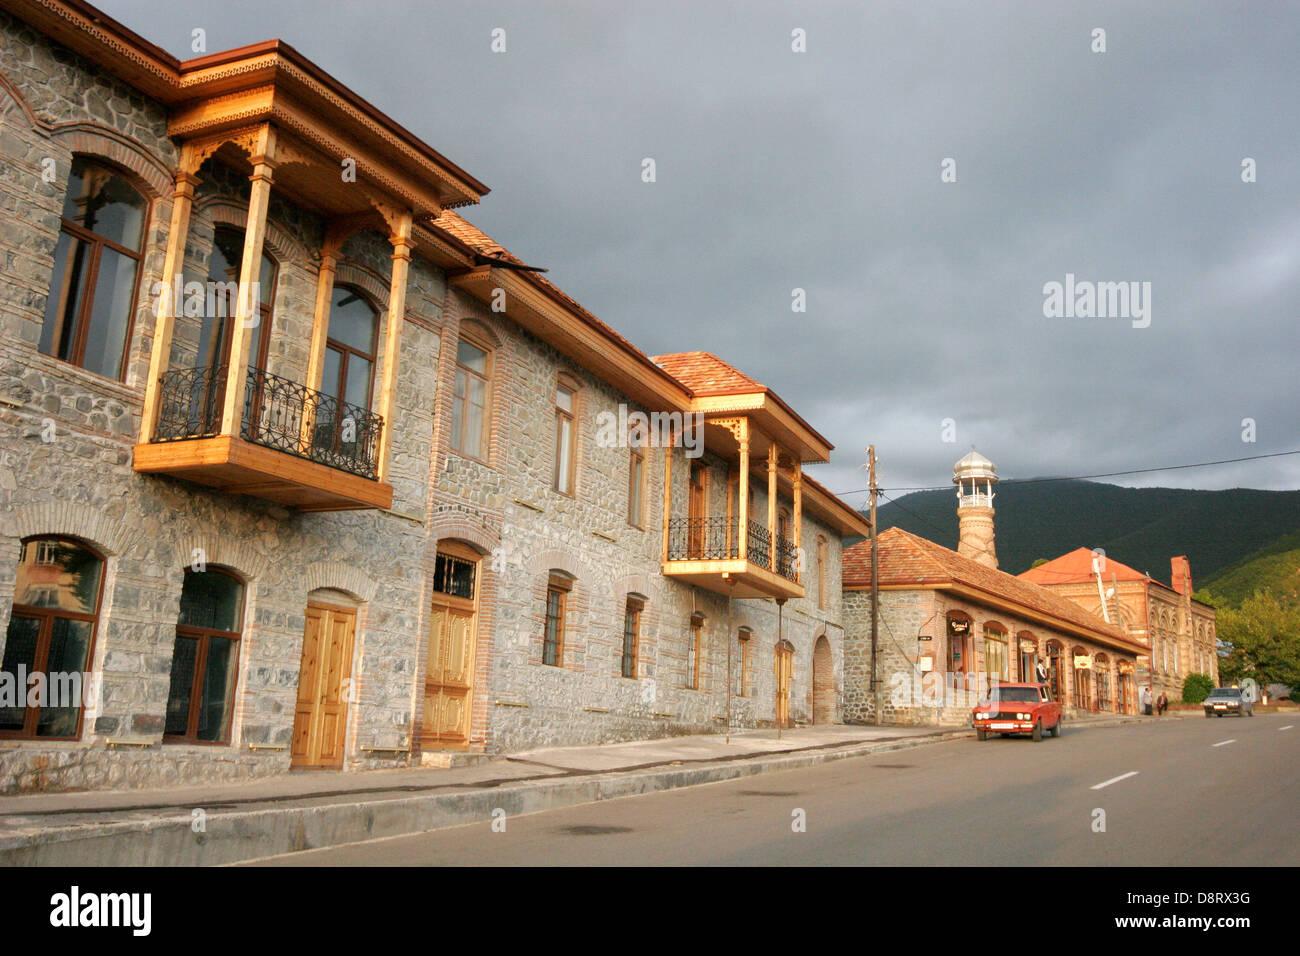 Street scene in Sheki, Azerbaijan, Caucasus region - Stock Image